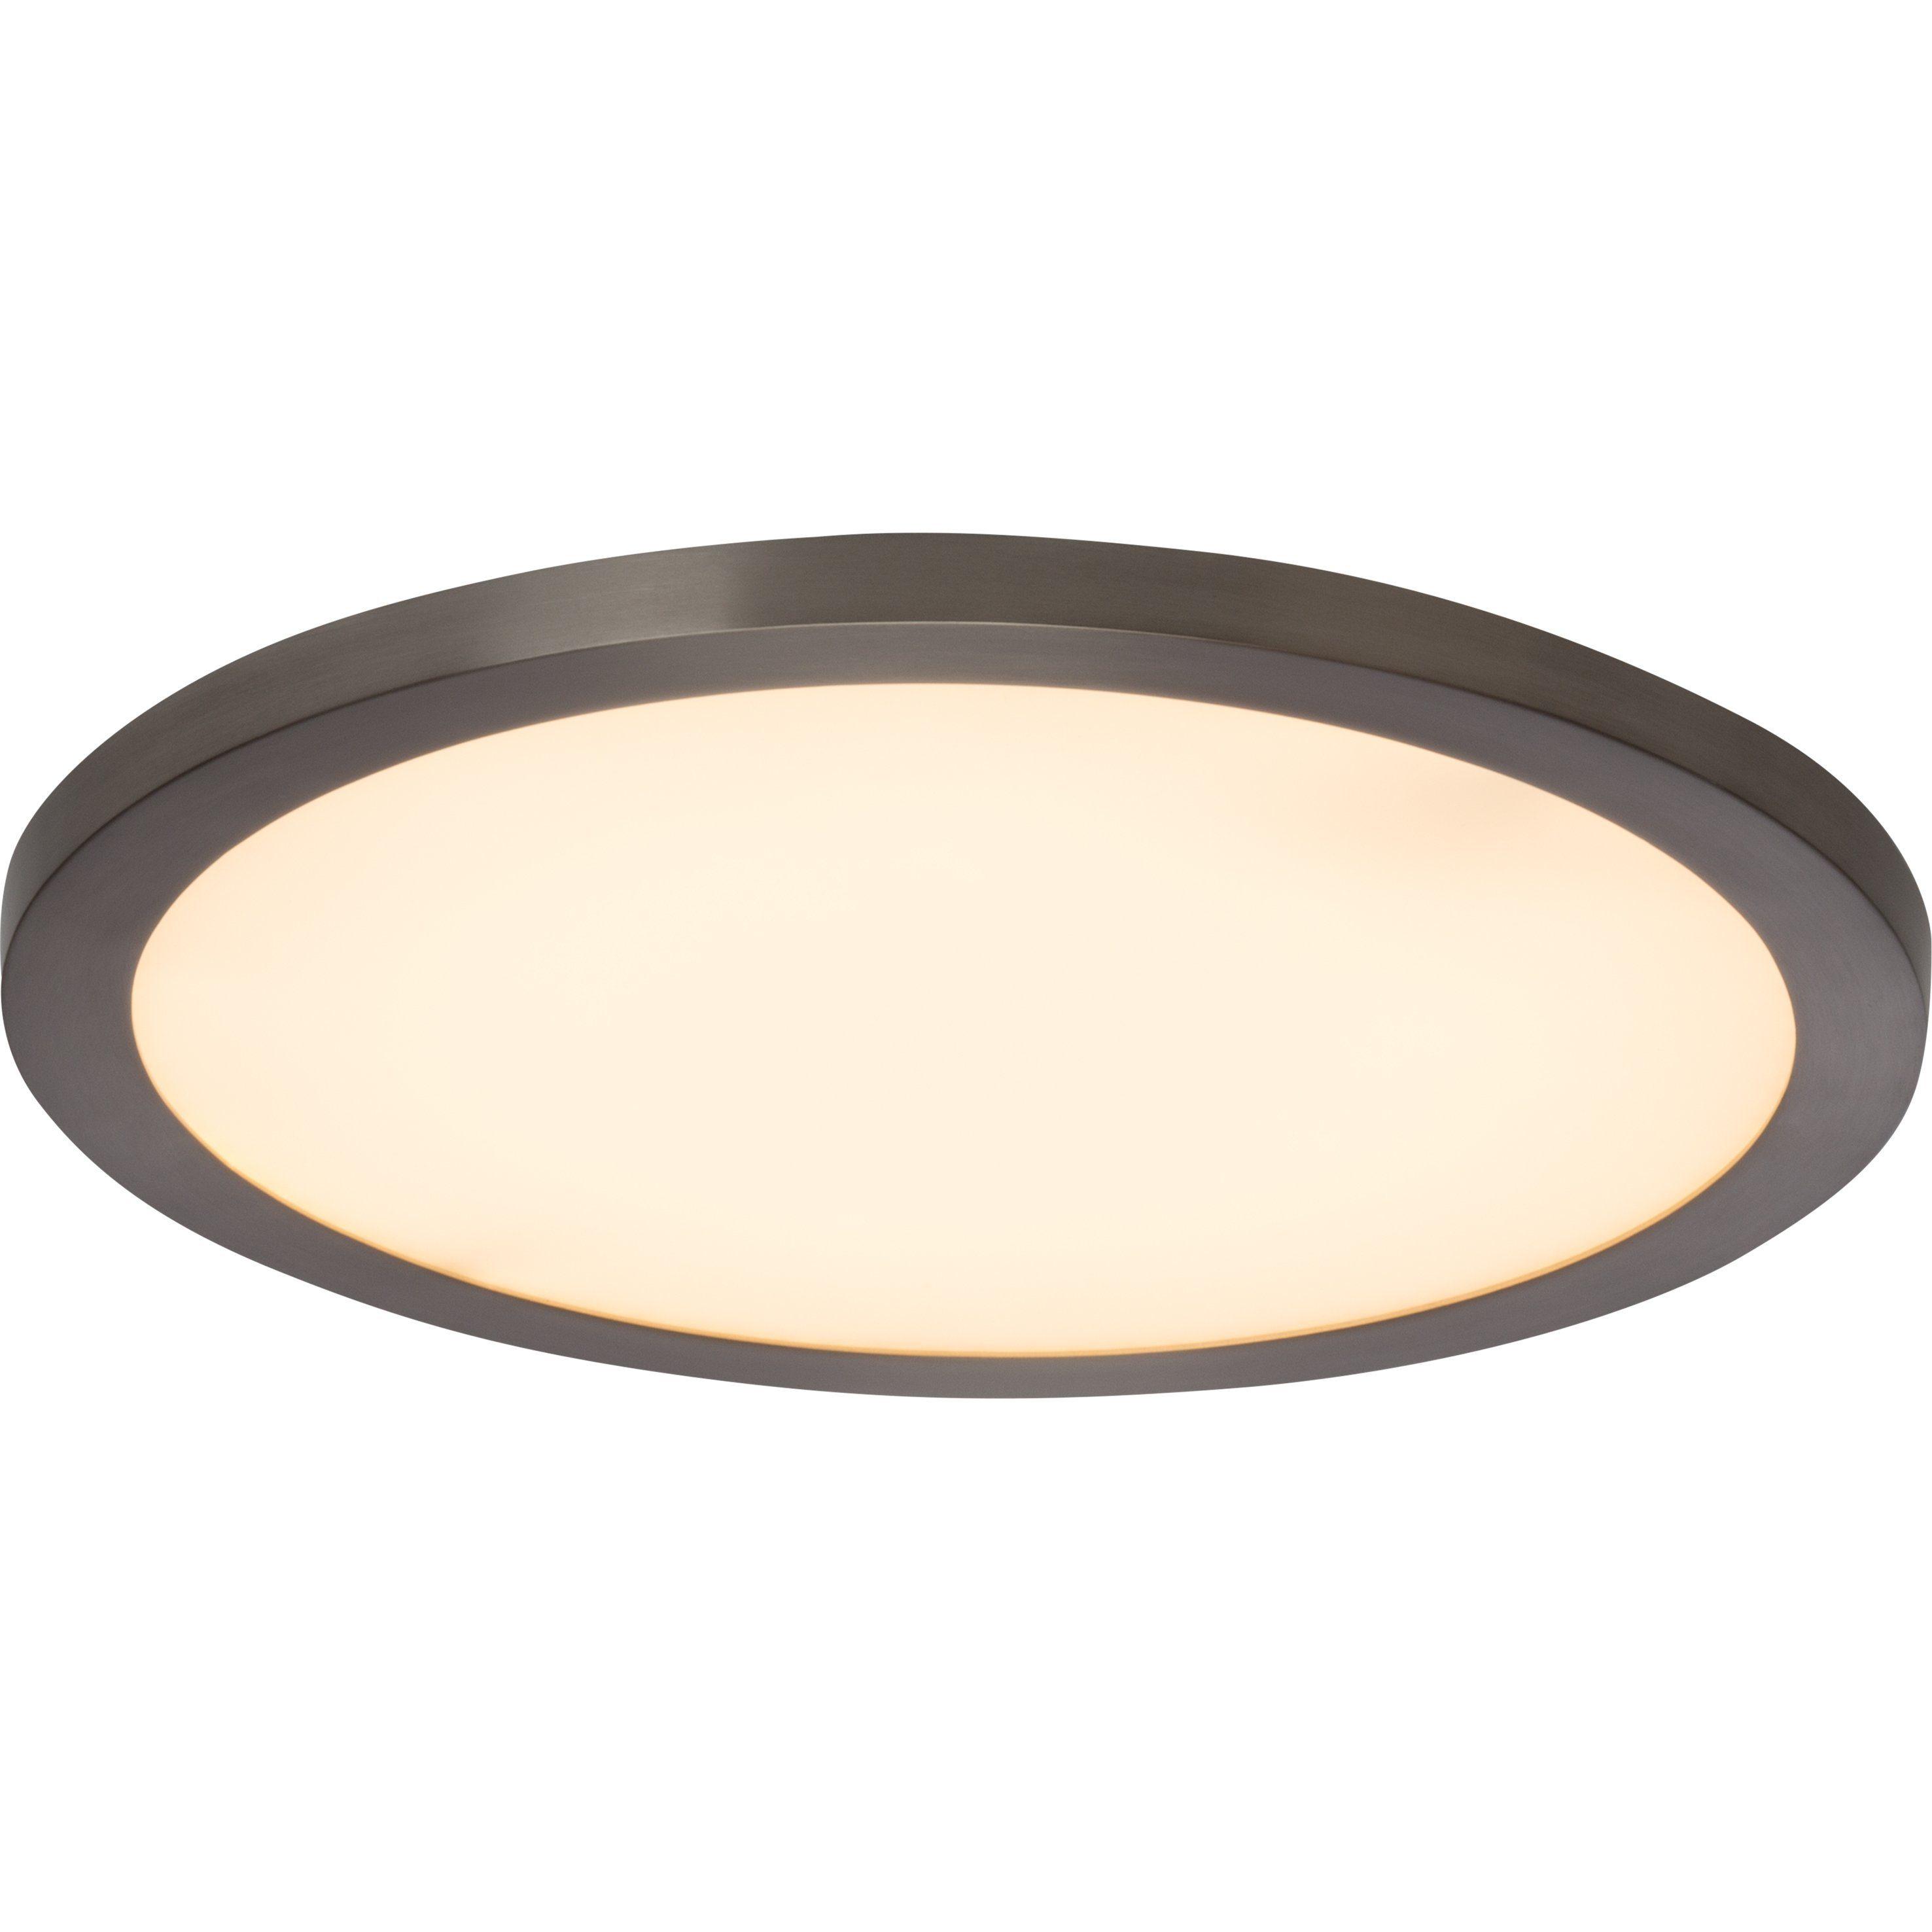 Brilliant Leuchten Smooth LED Deckenaufbau-Paneel 40cm eisen